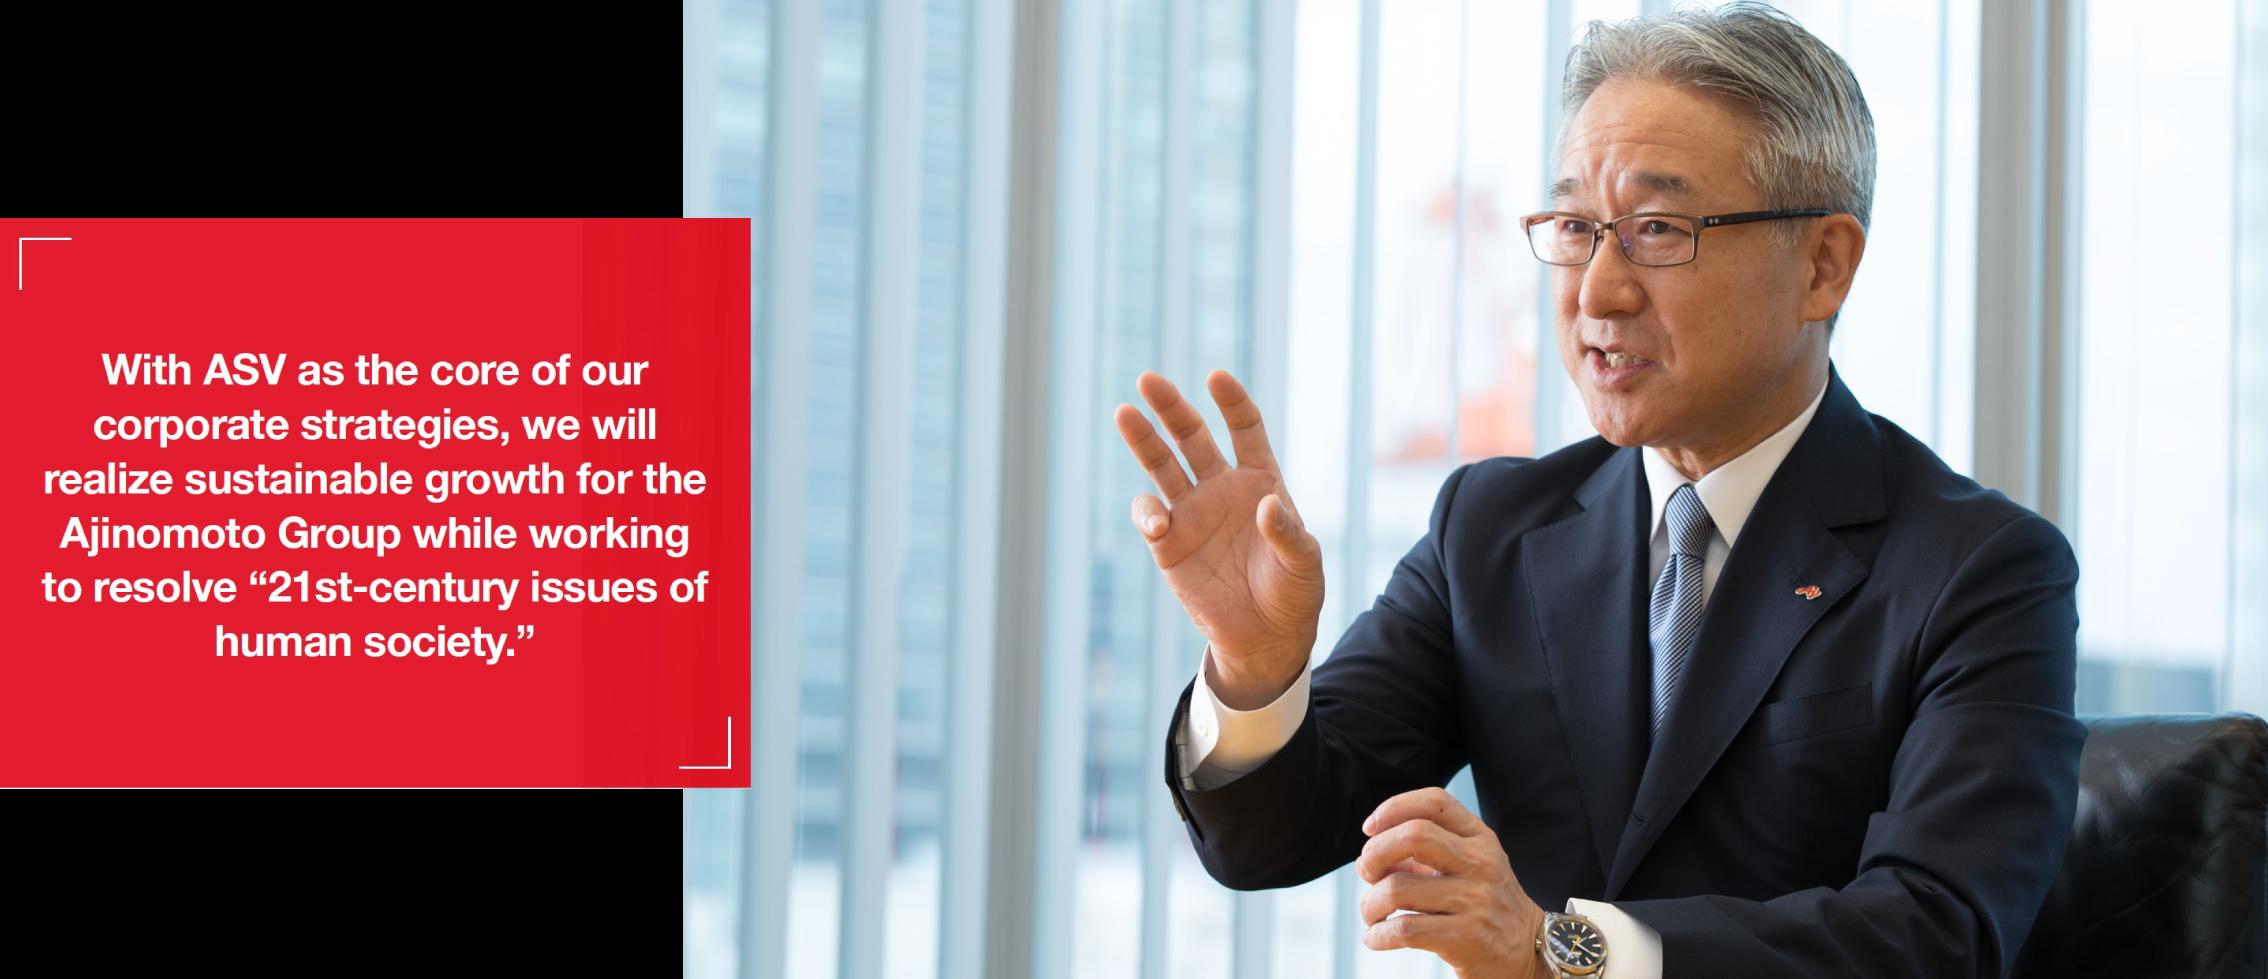 """مع ASV باعتباره جوهر استراتيجيات الشركة ، سنحقق النمو المستدام لمجموعة Ajinomoto أثناء العمل على حل """"قضايا القرن الحادي والعشرين للمجتمع البشري""""."""